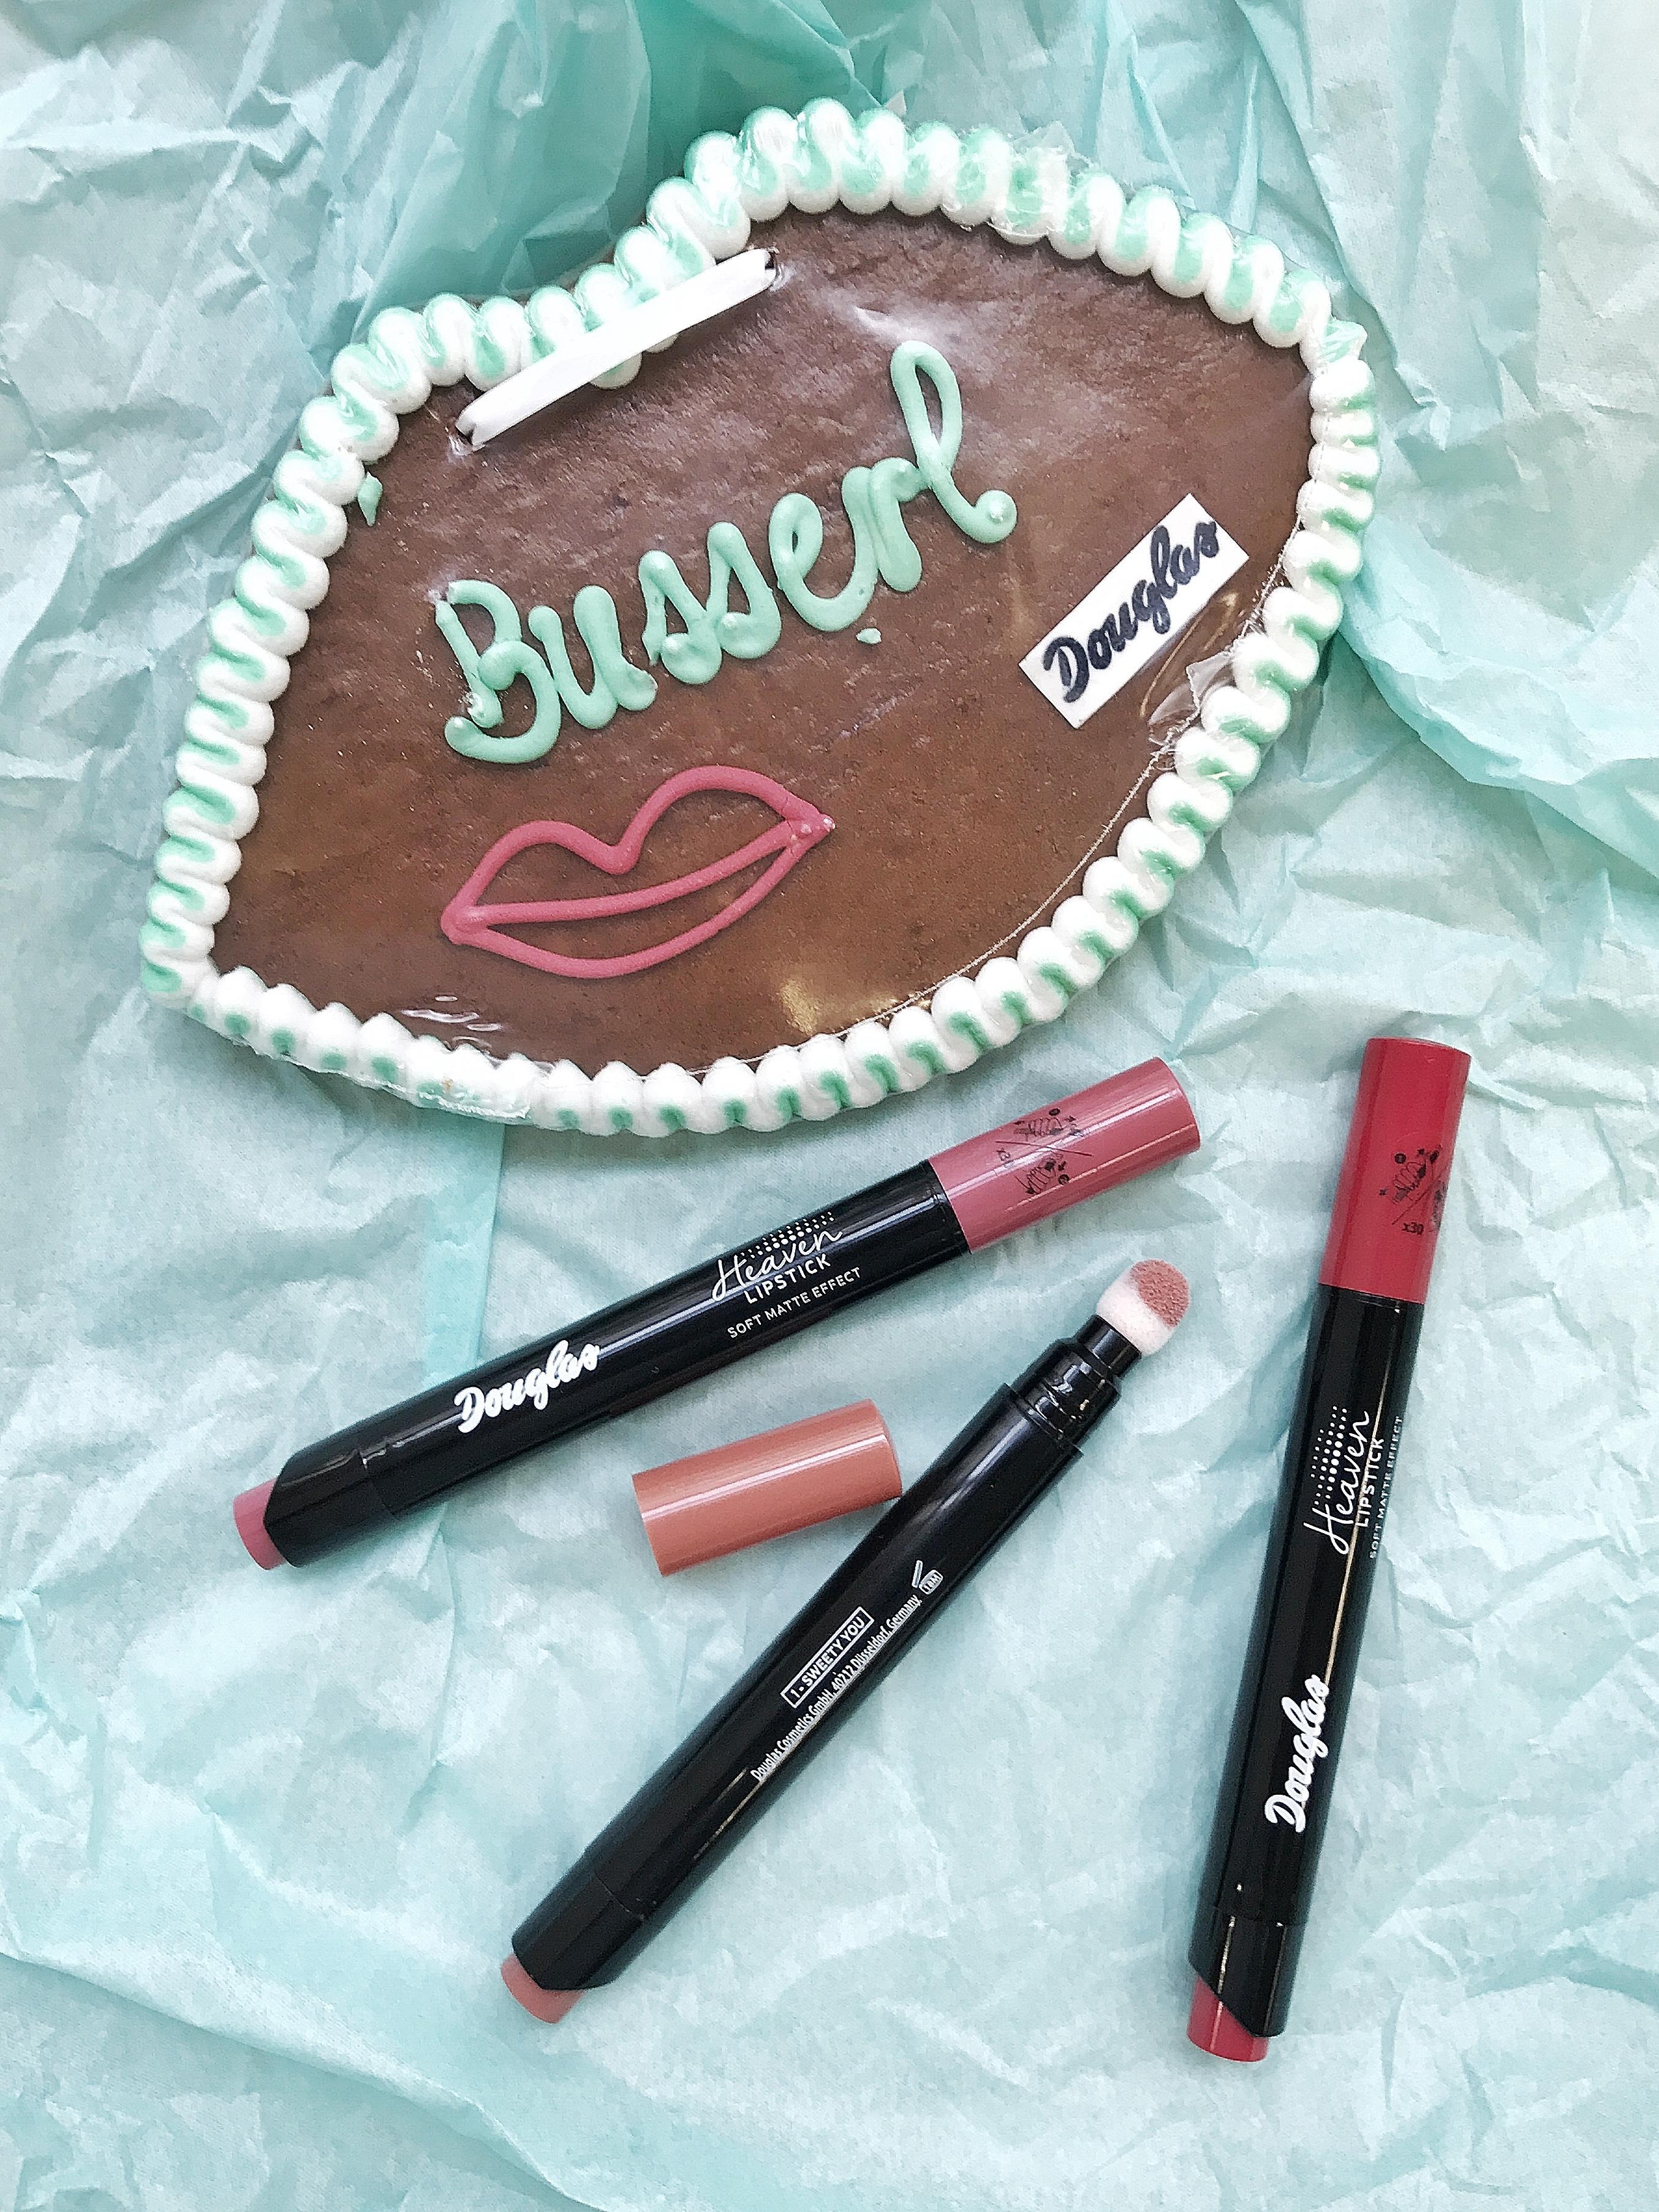 Nachschub Für Die Lippenstift Sammlung 💋 #couchliebt #makeup #lippenstift  #oktoberfestdeko #